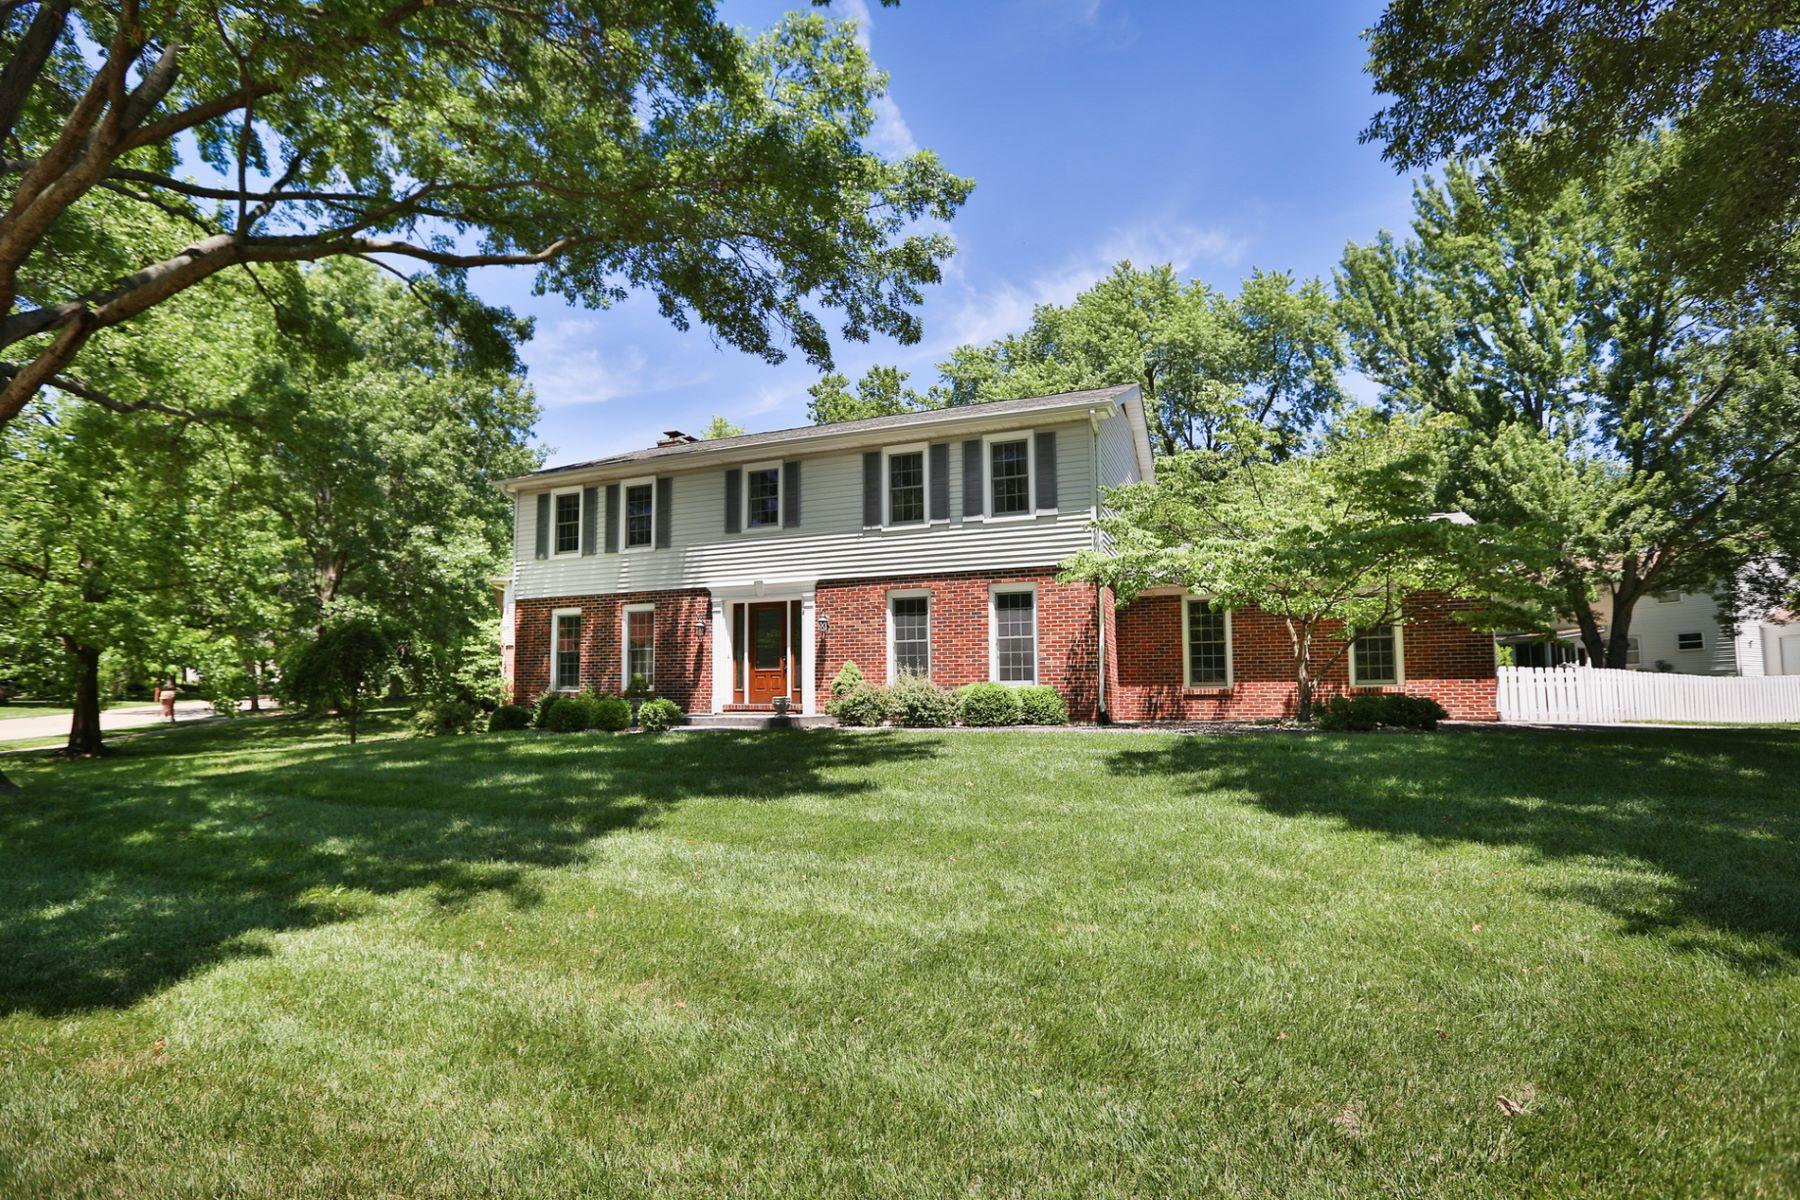 Single Family Home for Sale at Del Ebro Dr 1093 Del Ebro Dr Ballwin, Missouri 63011 United States